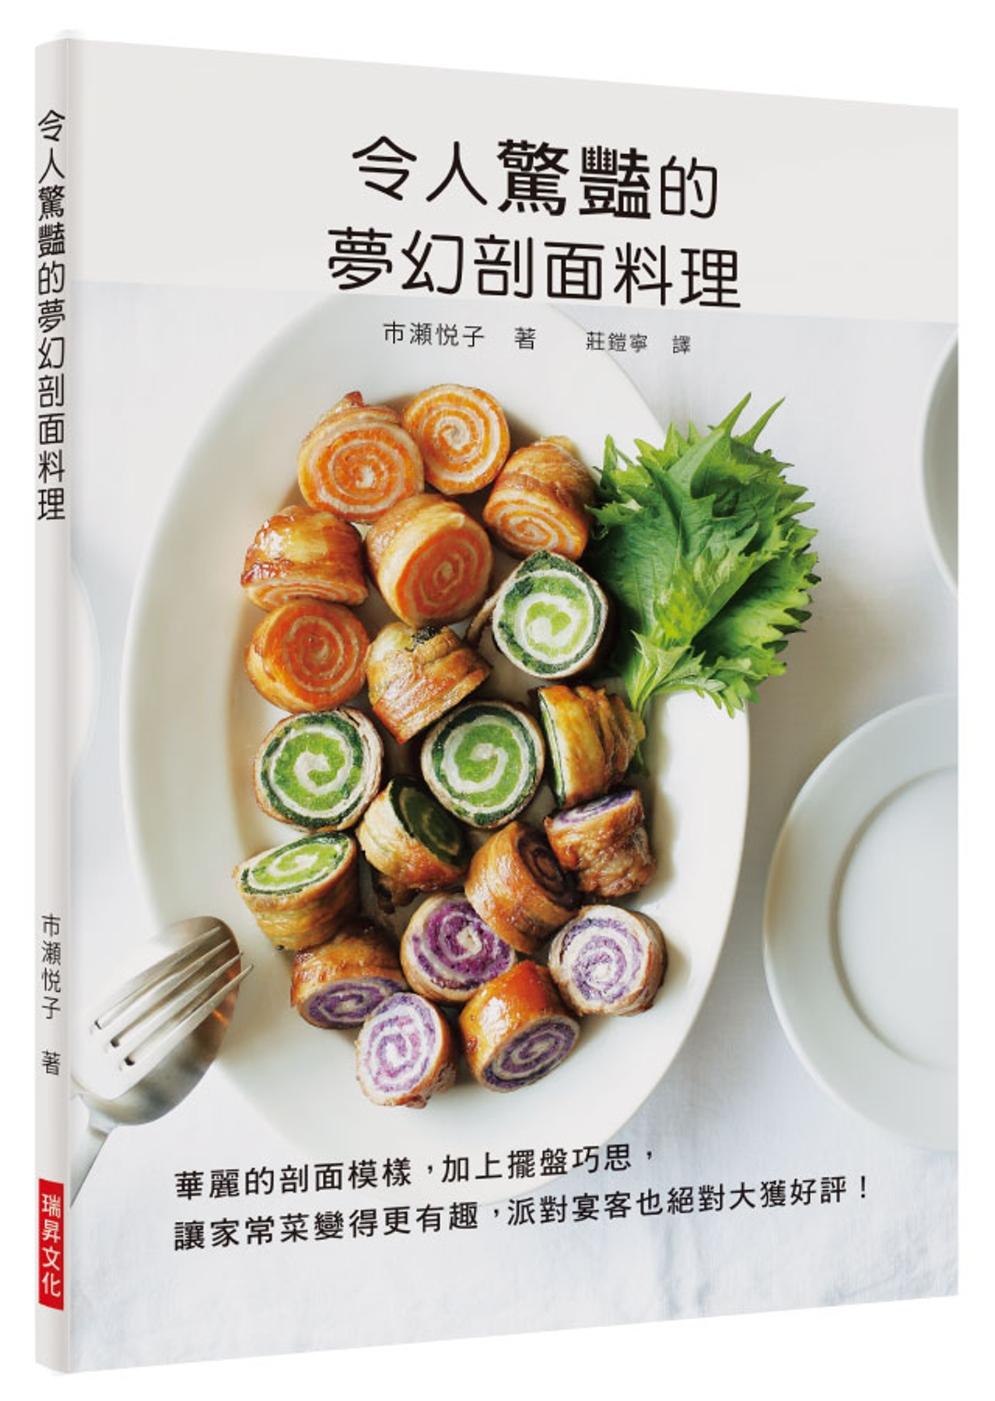 令人驚豔的夢幻剖面料理:華麗的剖面模樣,加上擺盤巧思,讓家常菜變得更有趣,派對宴客也絕對大獲好評!